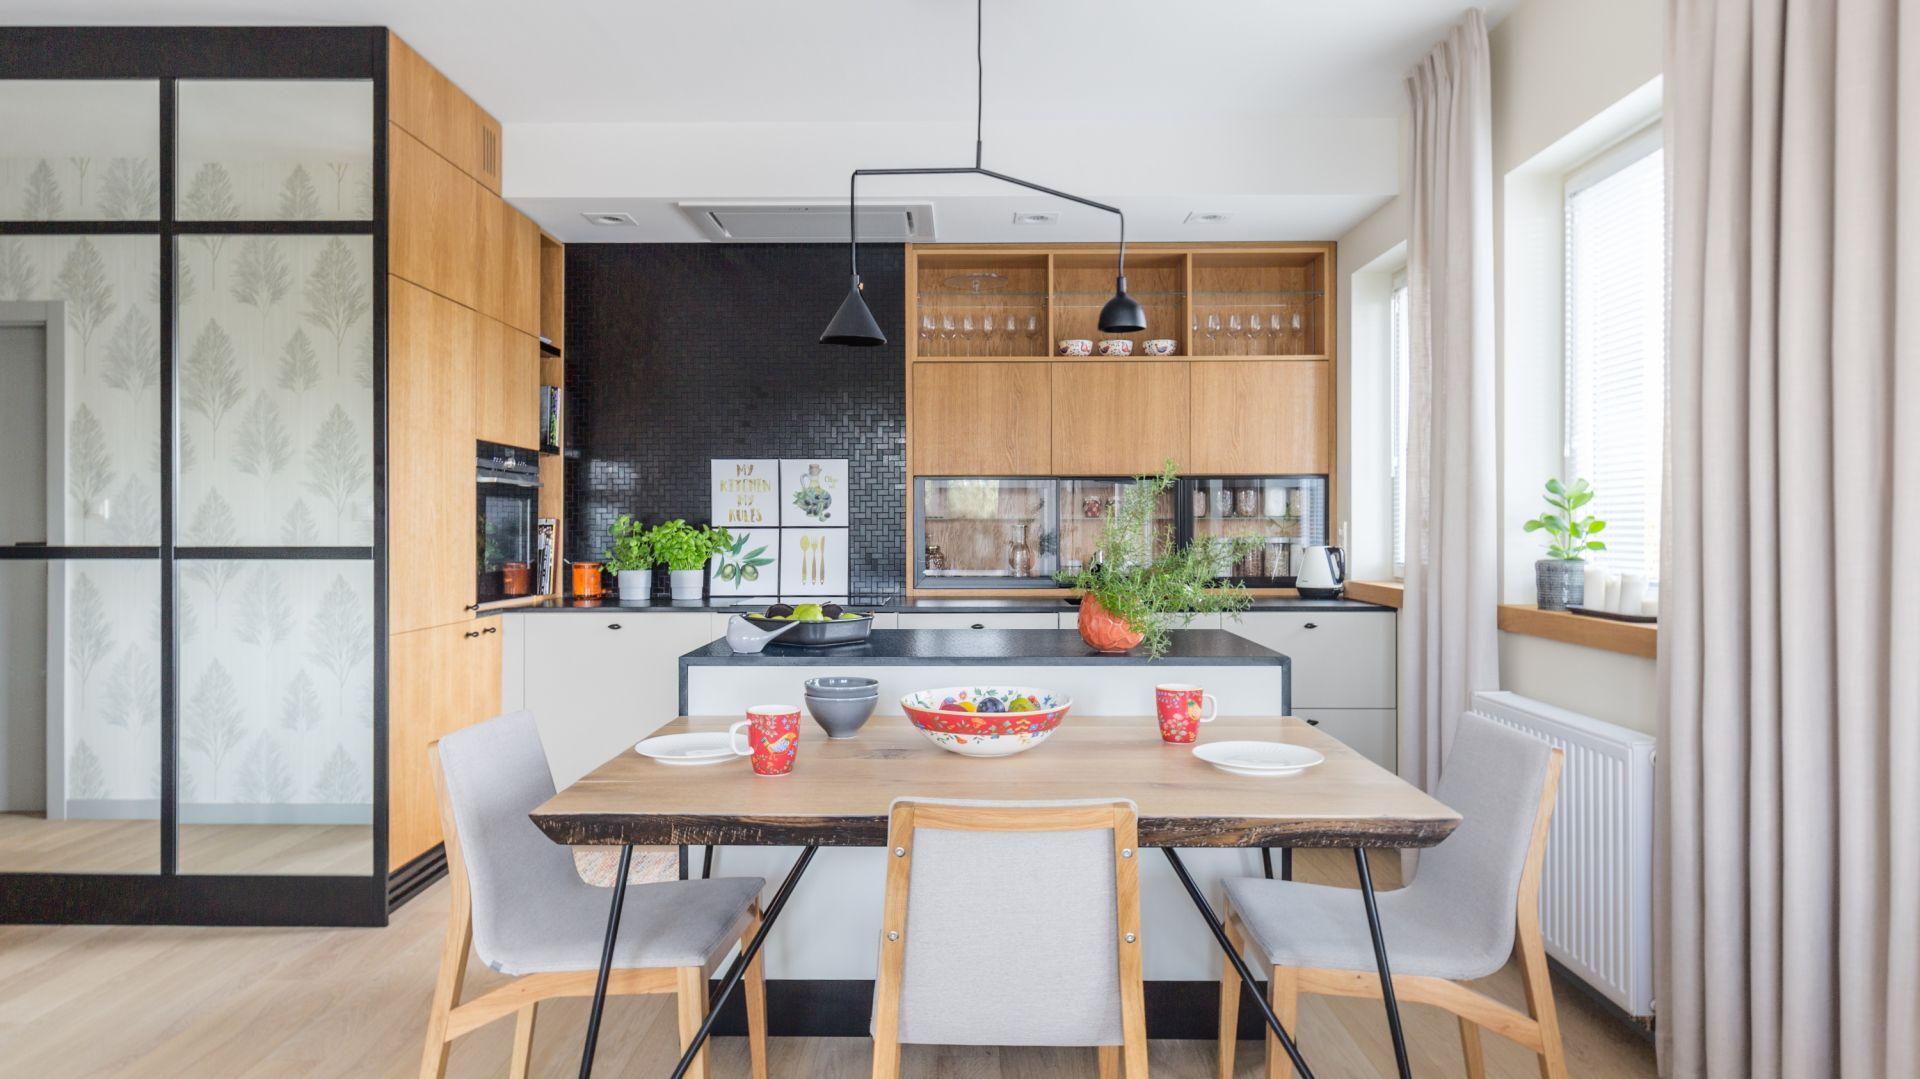 Kuchnia dla rodziny - 15 pomysłów na modne wnętrze. Projekt Agnieszka Morawiec. Fot. Pion Poziom.